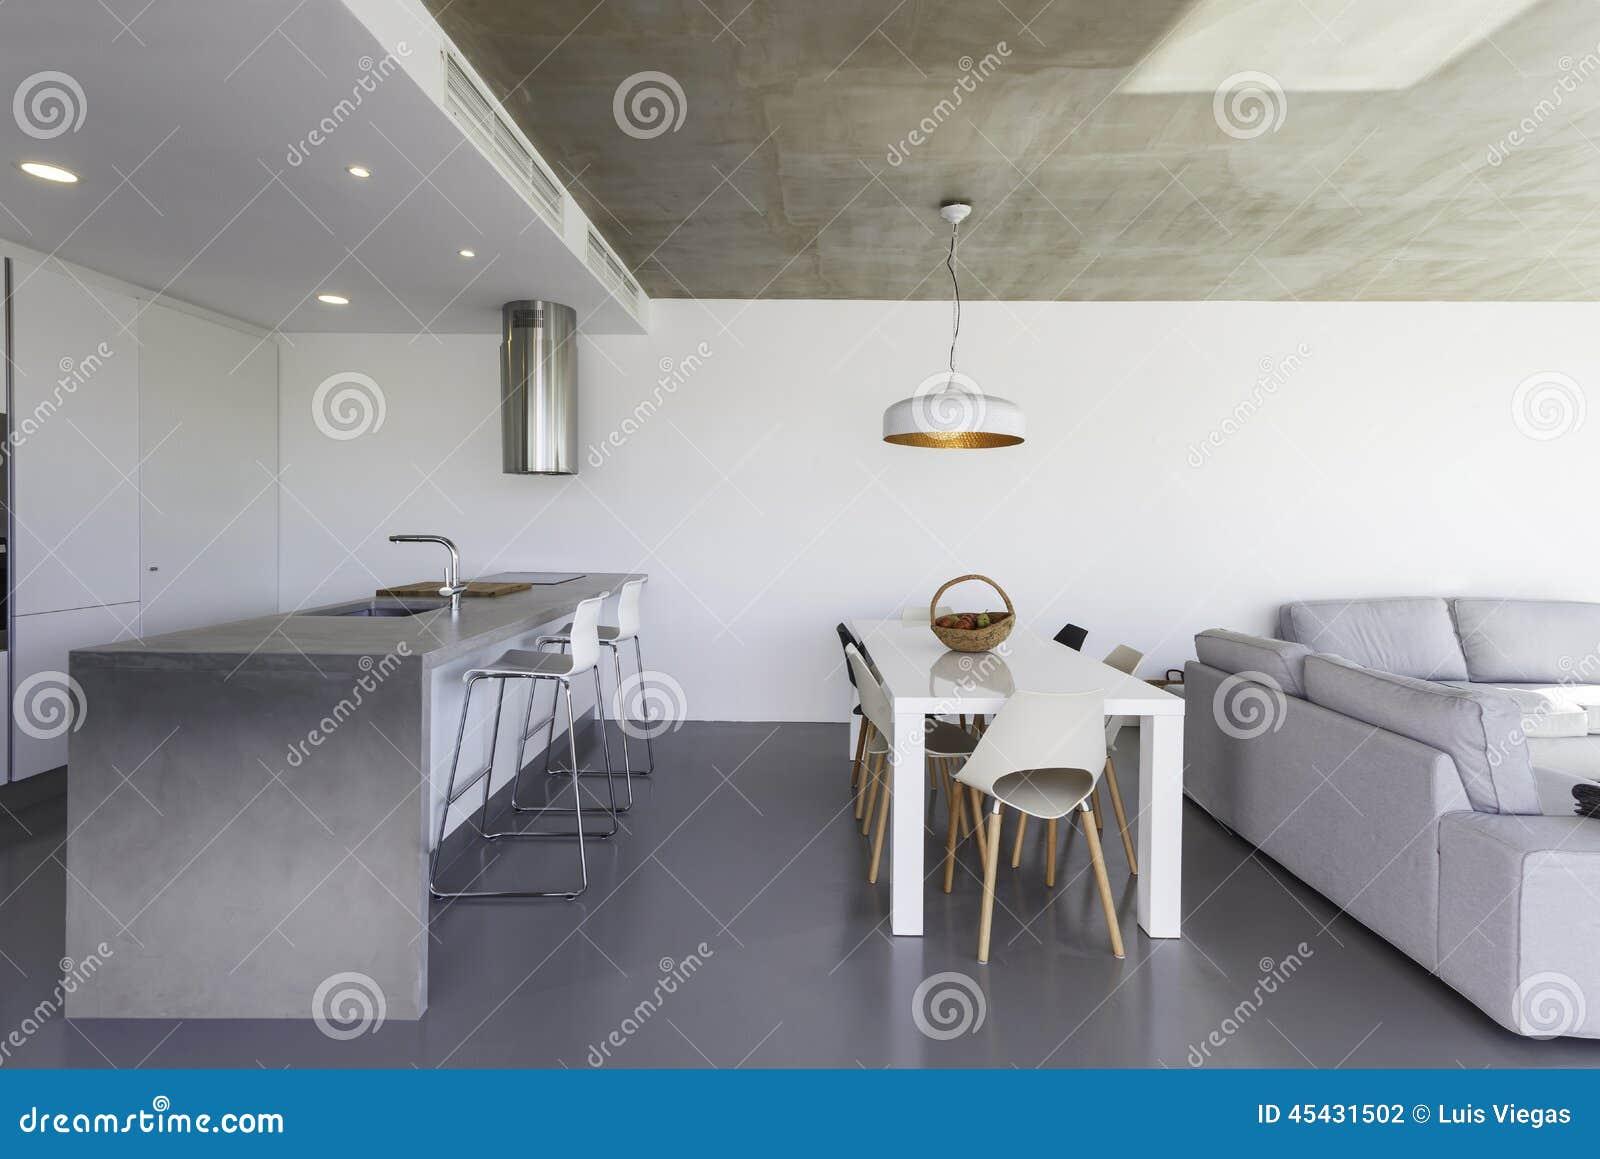 Cucina Moderna Con Il Pavimento Grigio E La Parete Bianca ...